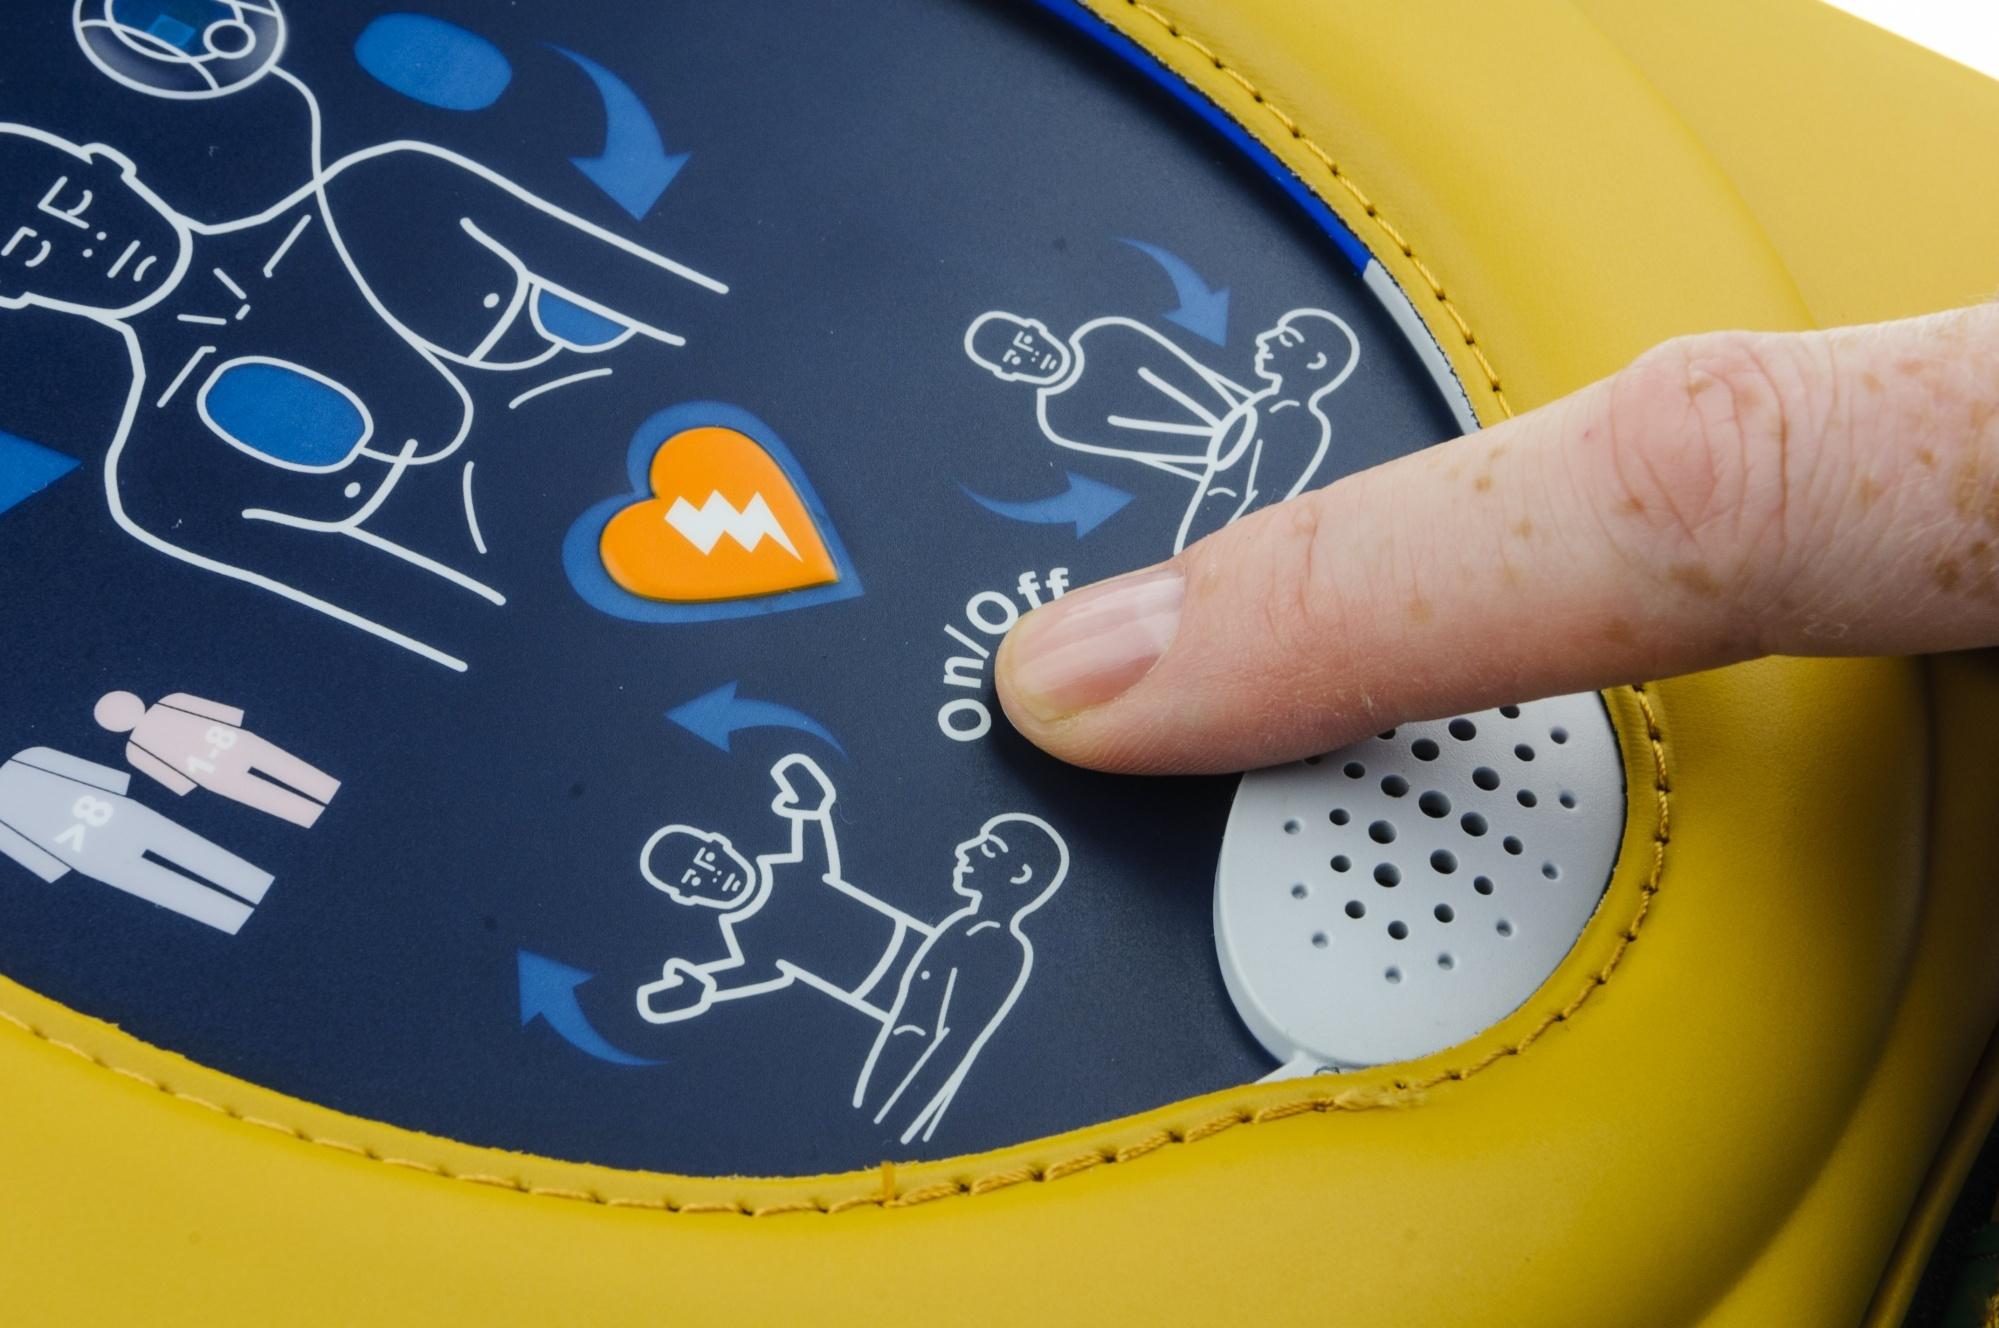 Il defibrillatore per esterni: HeartSine samaritan PAD 350P come funziona e dove acquistarlo? | Emergency Live 4